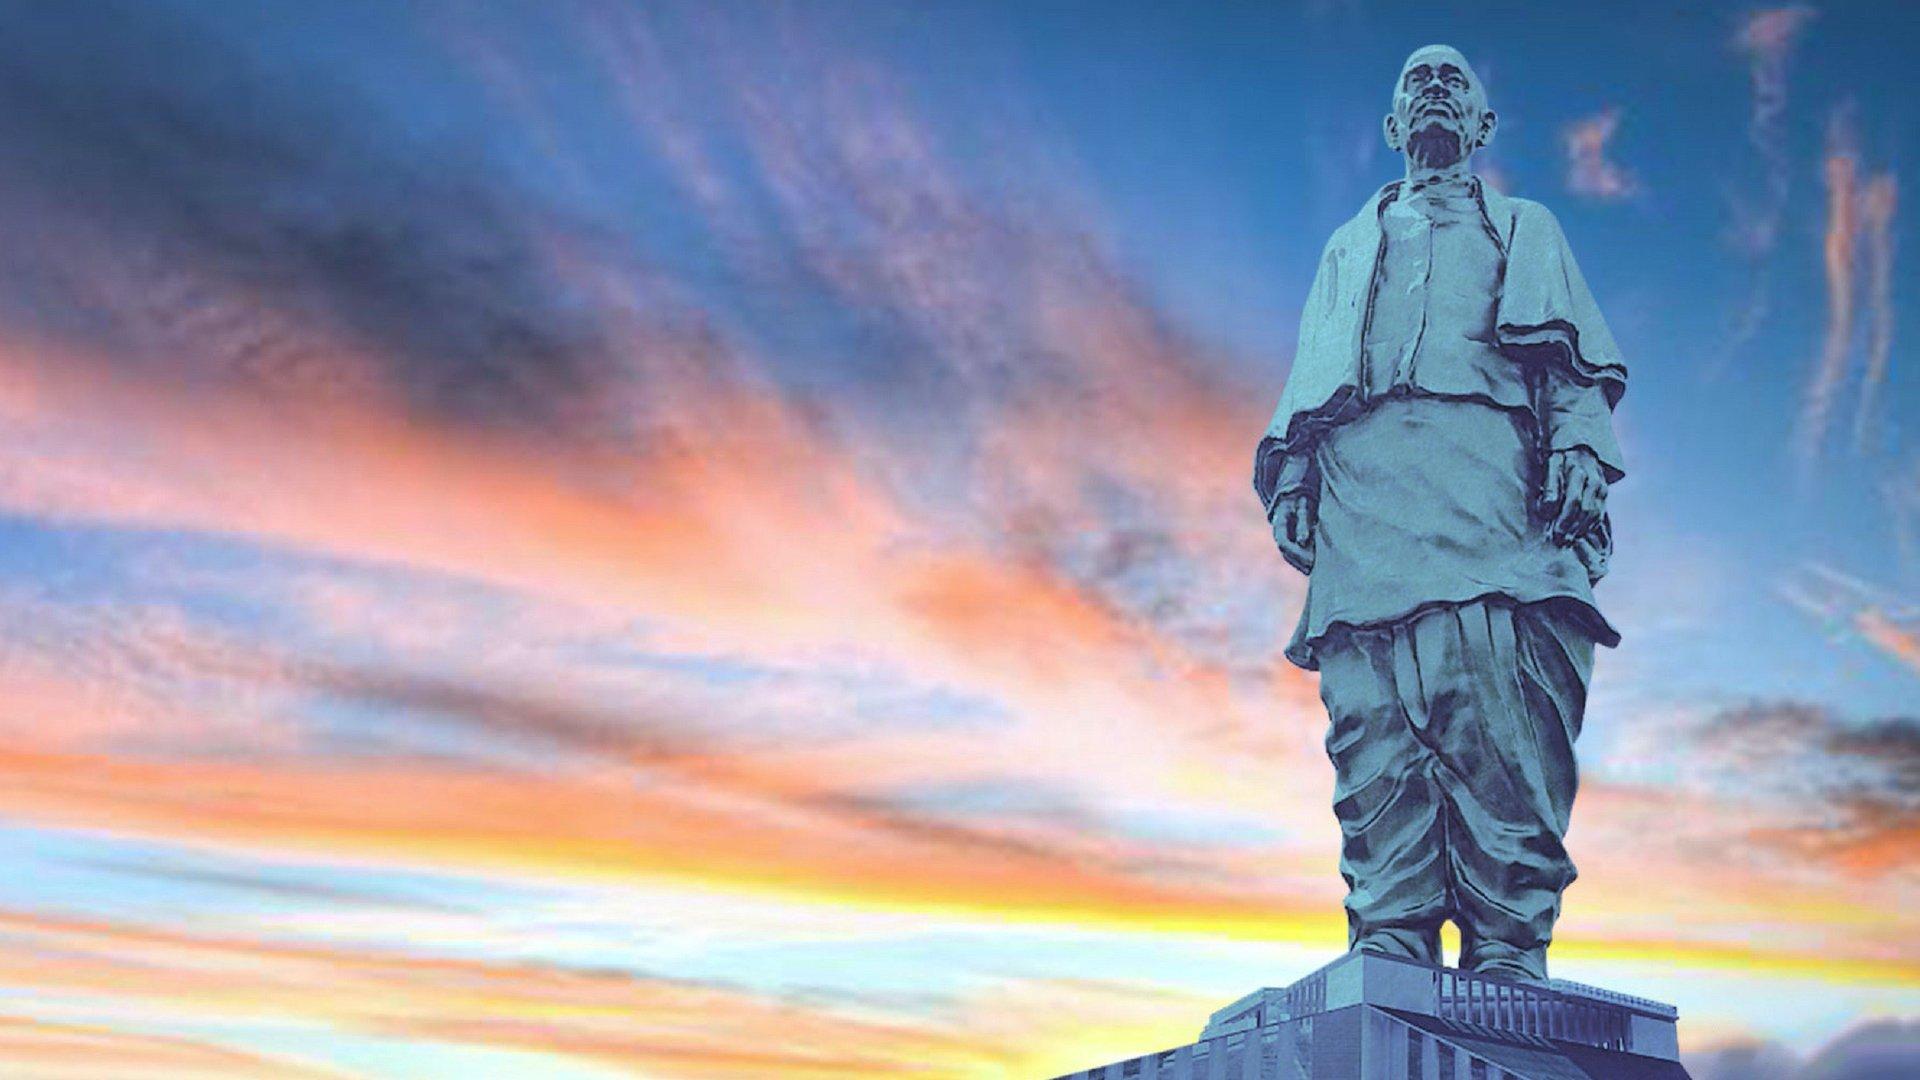 Dónde están las estatuas más altas del mundo